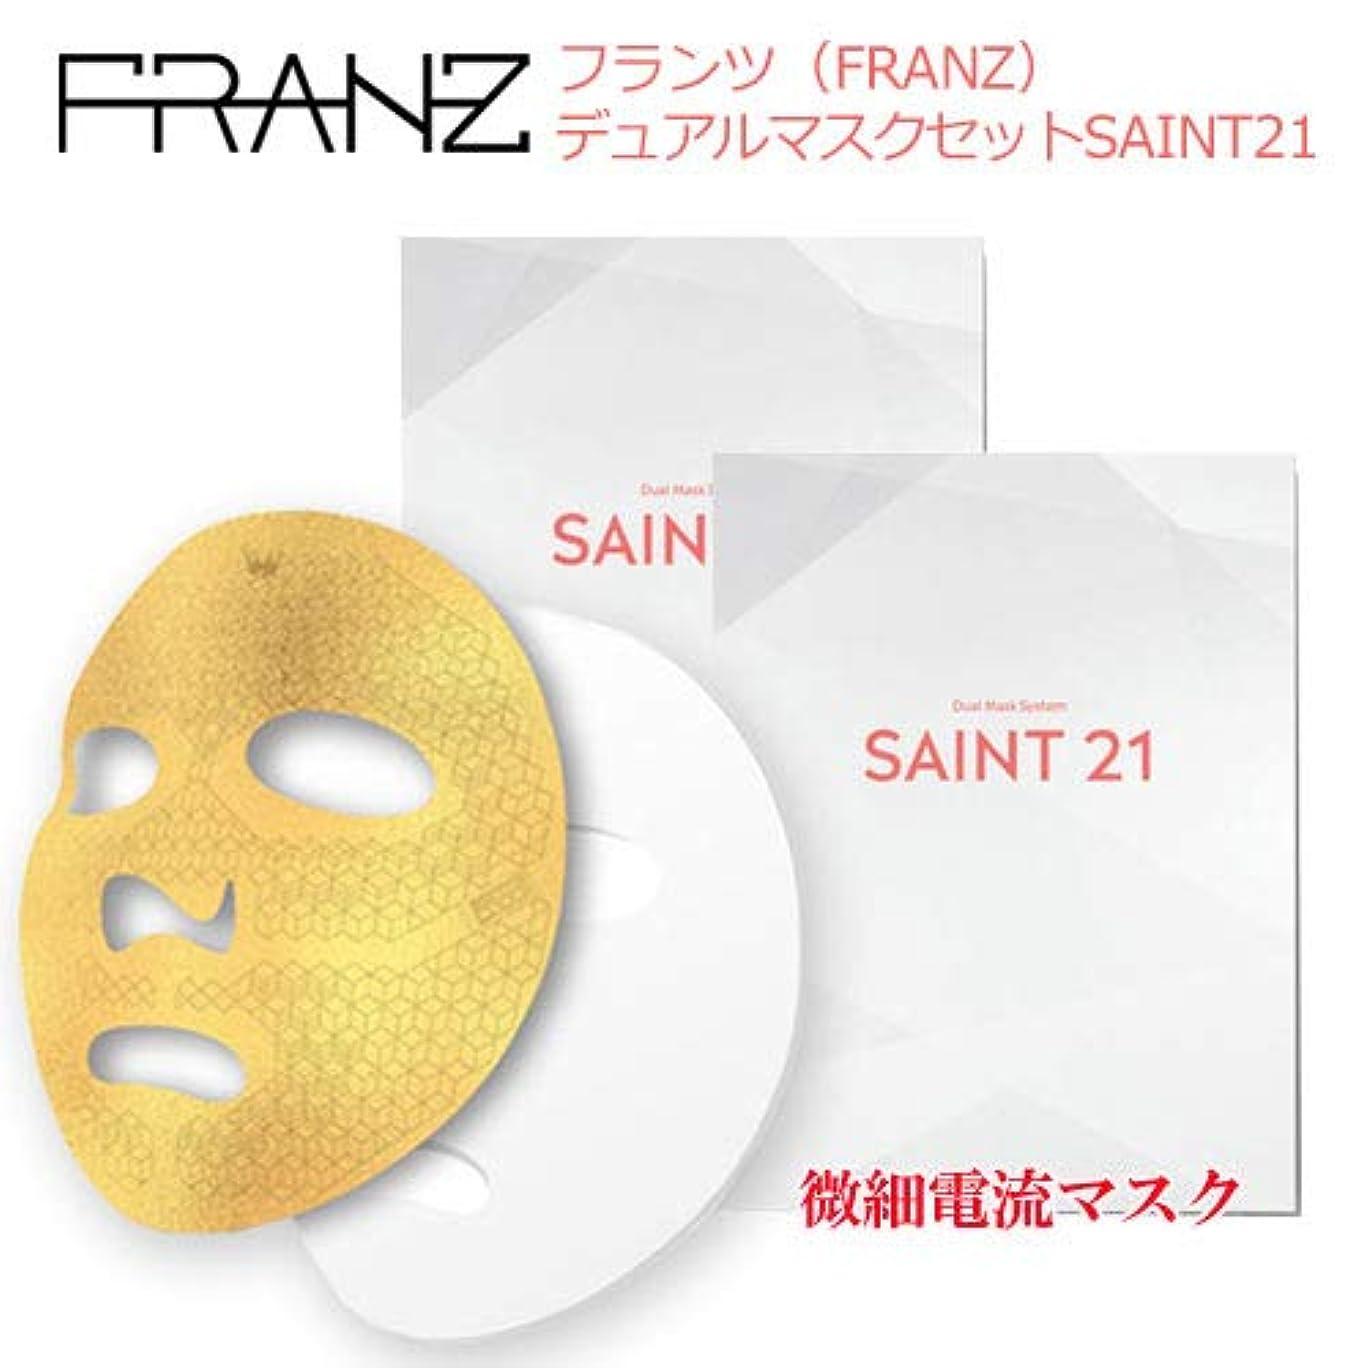 持っているピンポイント機会フランツ(FRANZ)SAINT21,デュアルゴールドマスク 1箱(2枚入)×2箱セット微細電流マスク、ヒト幹細胞培養美容液 フェイスマスク シートパック